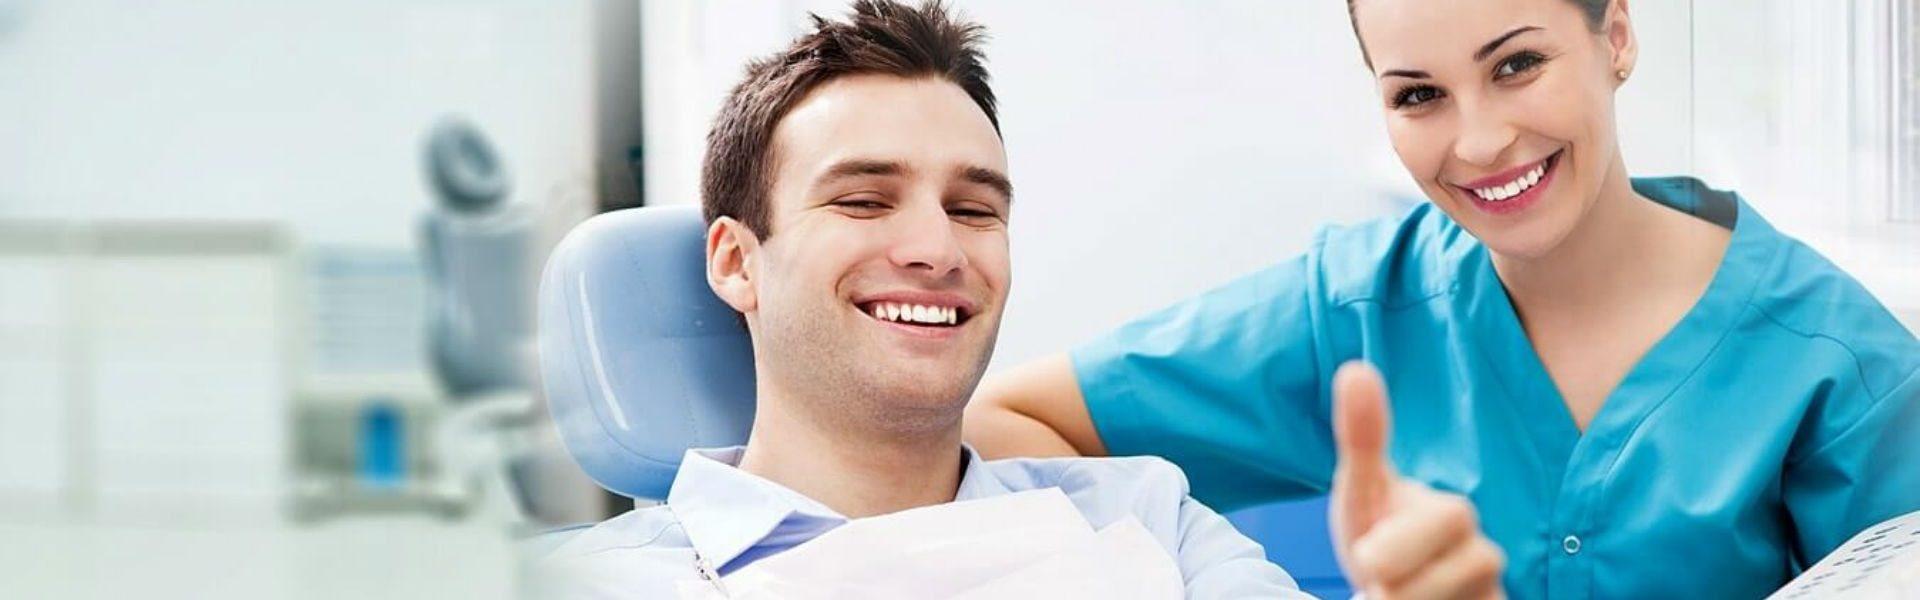 Новости Днепра про San Marco: новые технологии в стоматологическом направлении